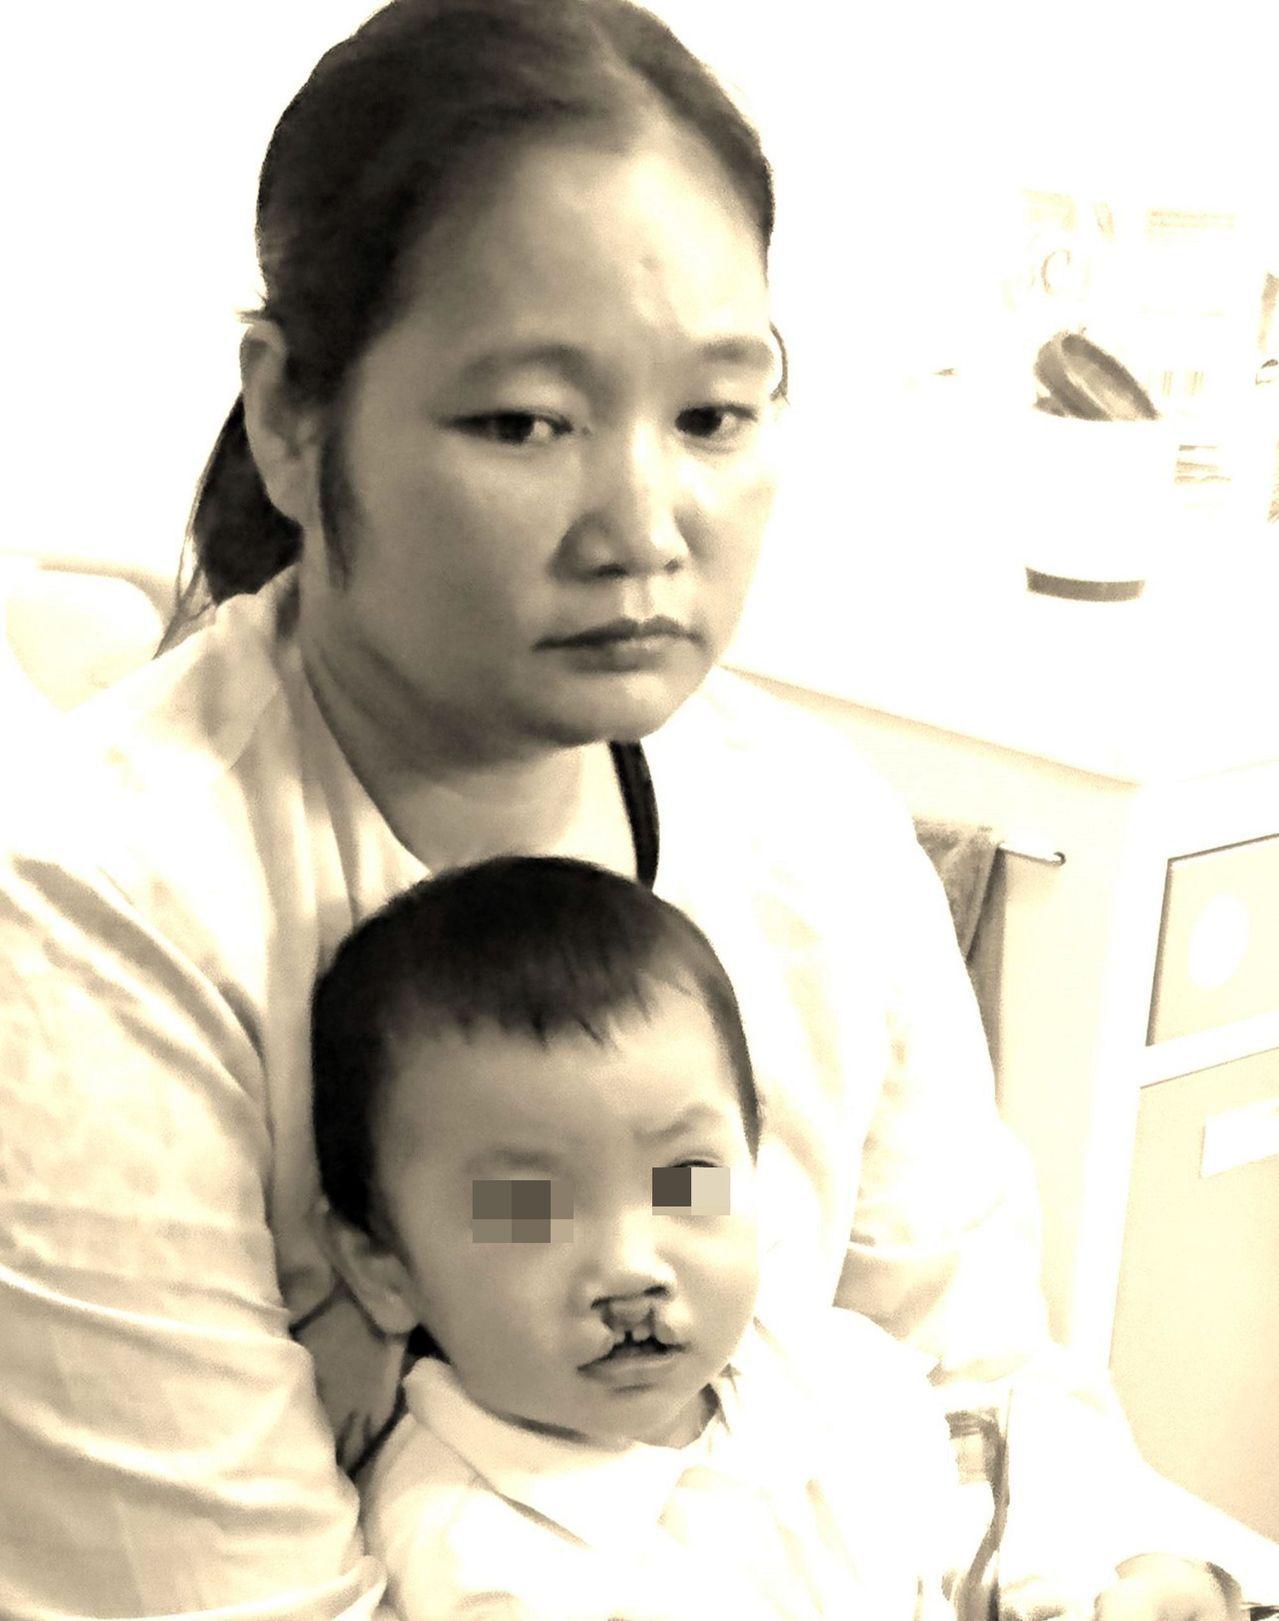 在越南,家有唇顎裂病童,成為父母心頭千斤重擔,圖中母親告訴義大醫師,這樣的處境已...